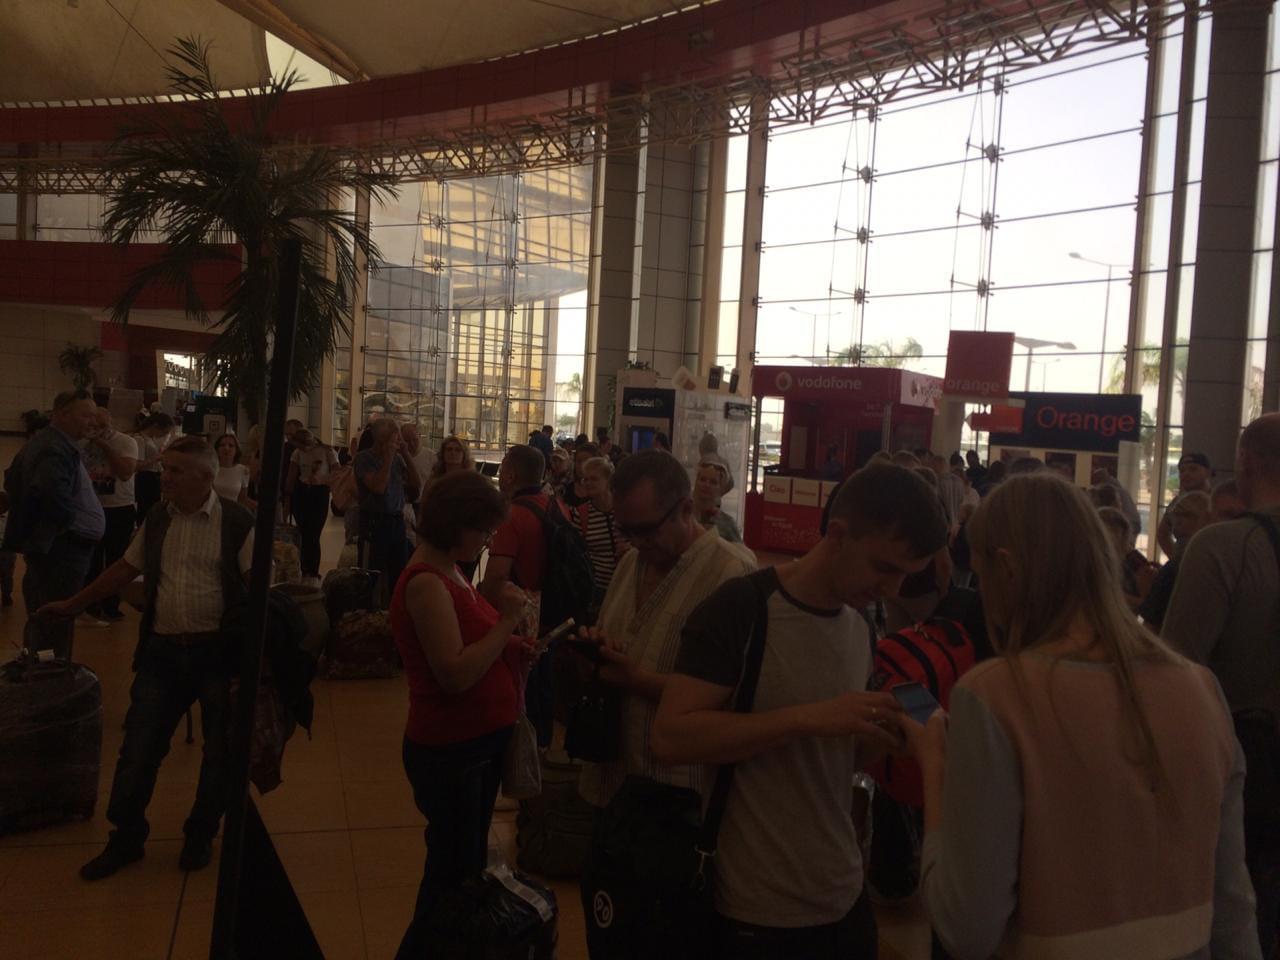 وصول اول طائرة من روسيا اليوم الي مطار شرم الشيخ  (4)